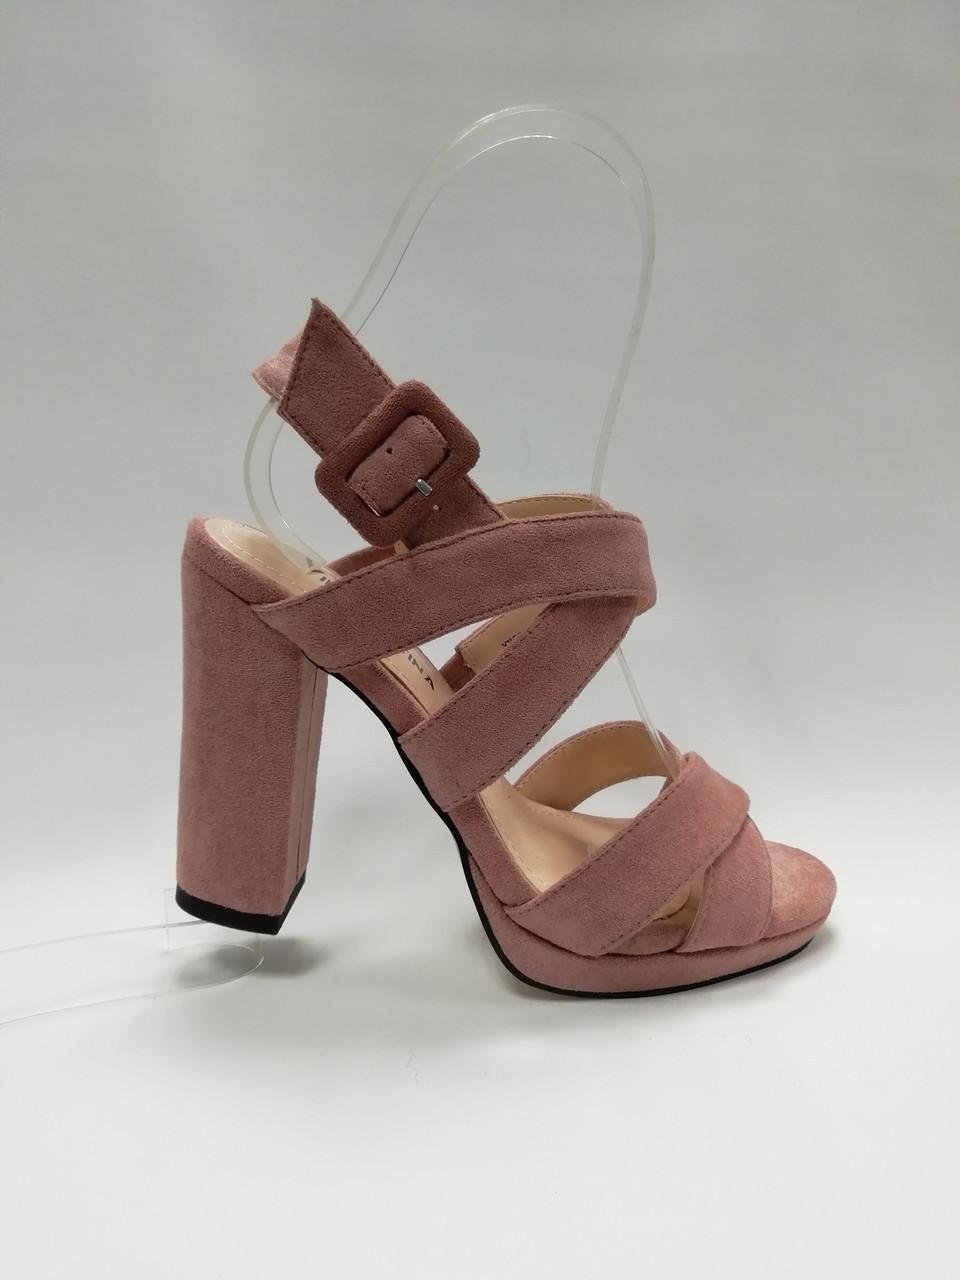 Открытые босоножки на устойчивом каблуке. Маленькие (33 - 35) размеры.